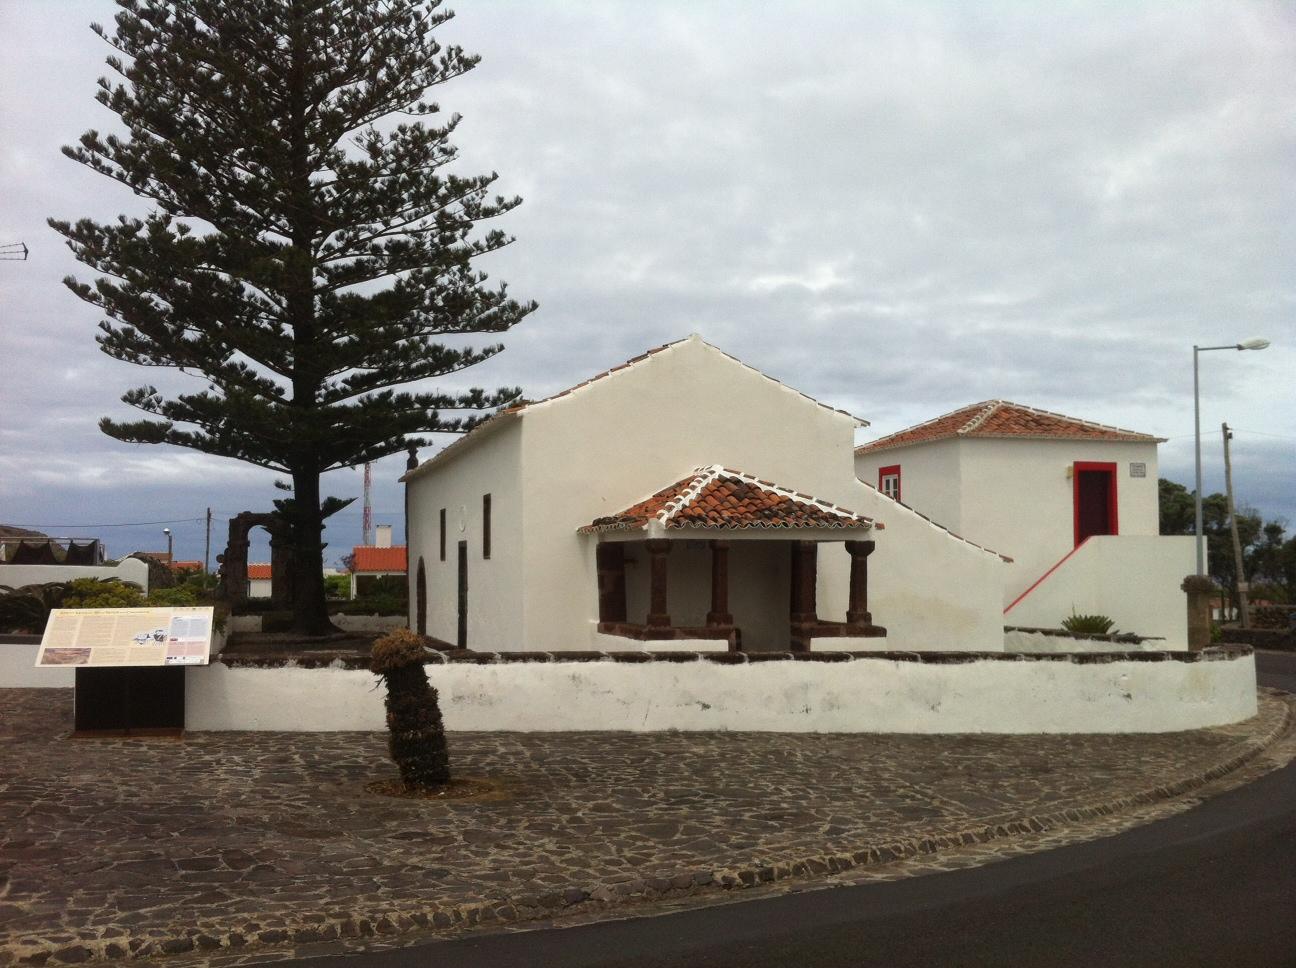 The small church ofde Nossa Senhora dos Anjos,Baìa dos Anjos, Santa Maria